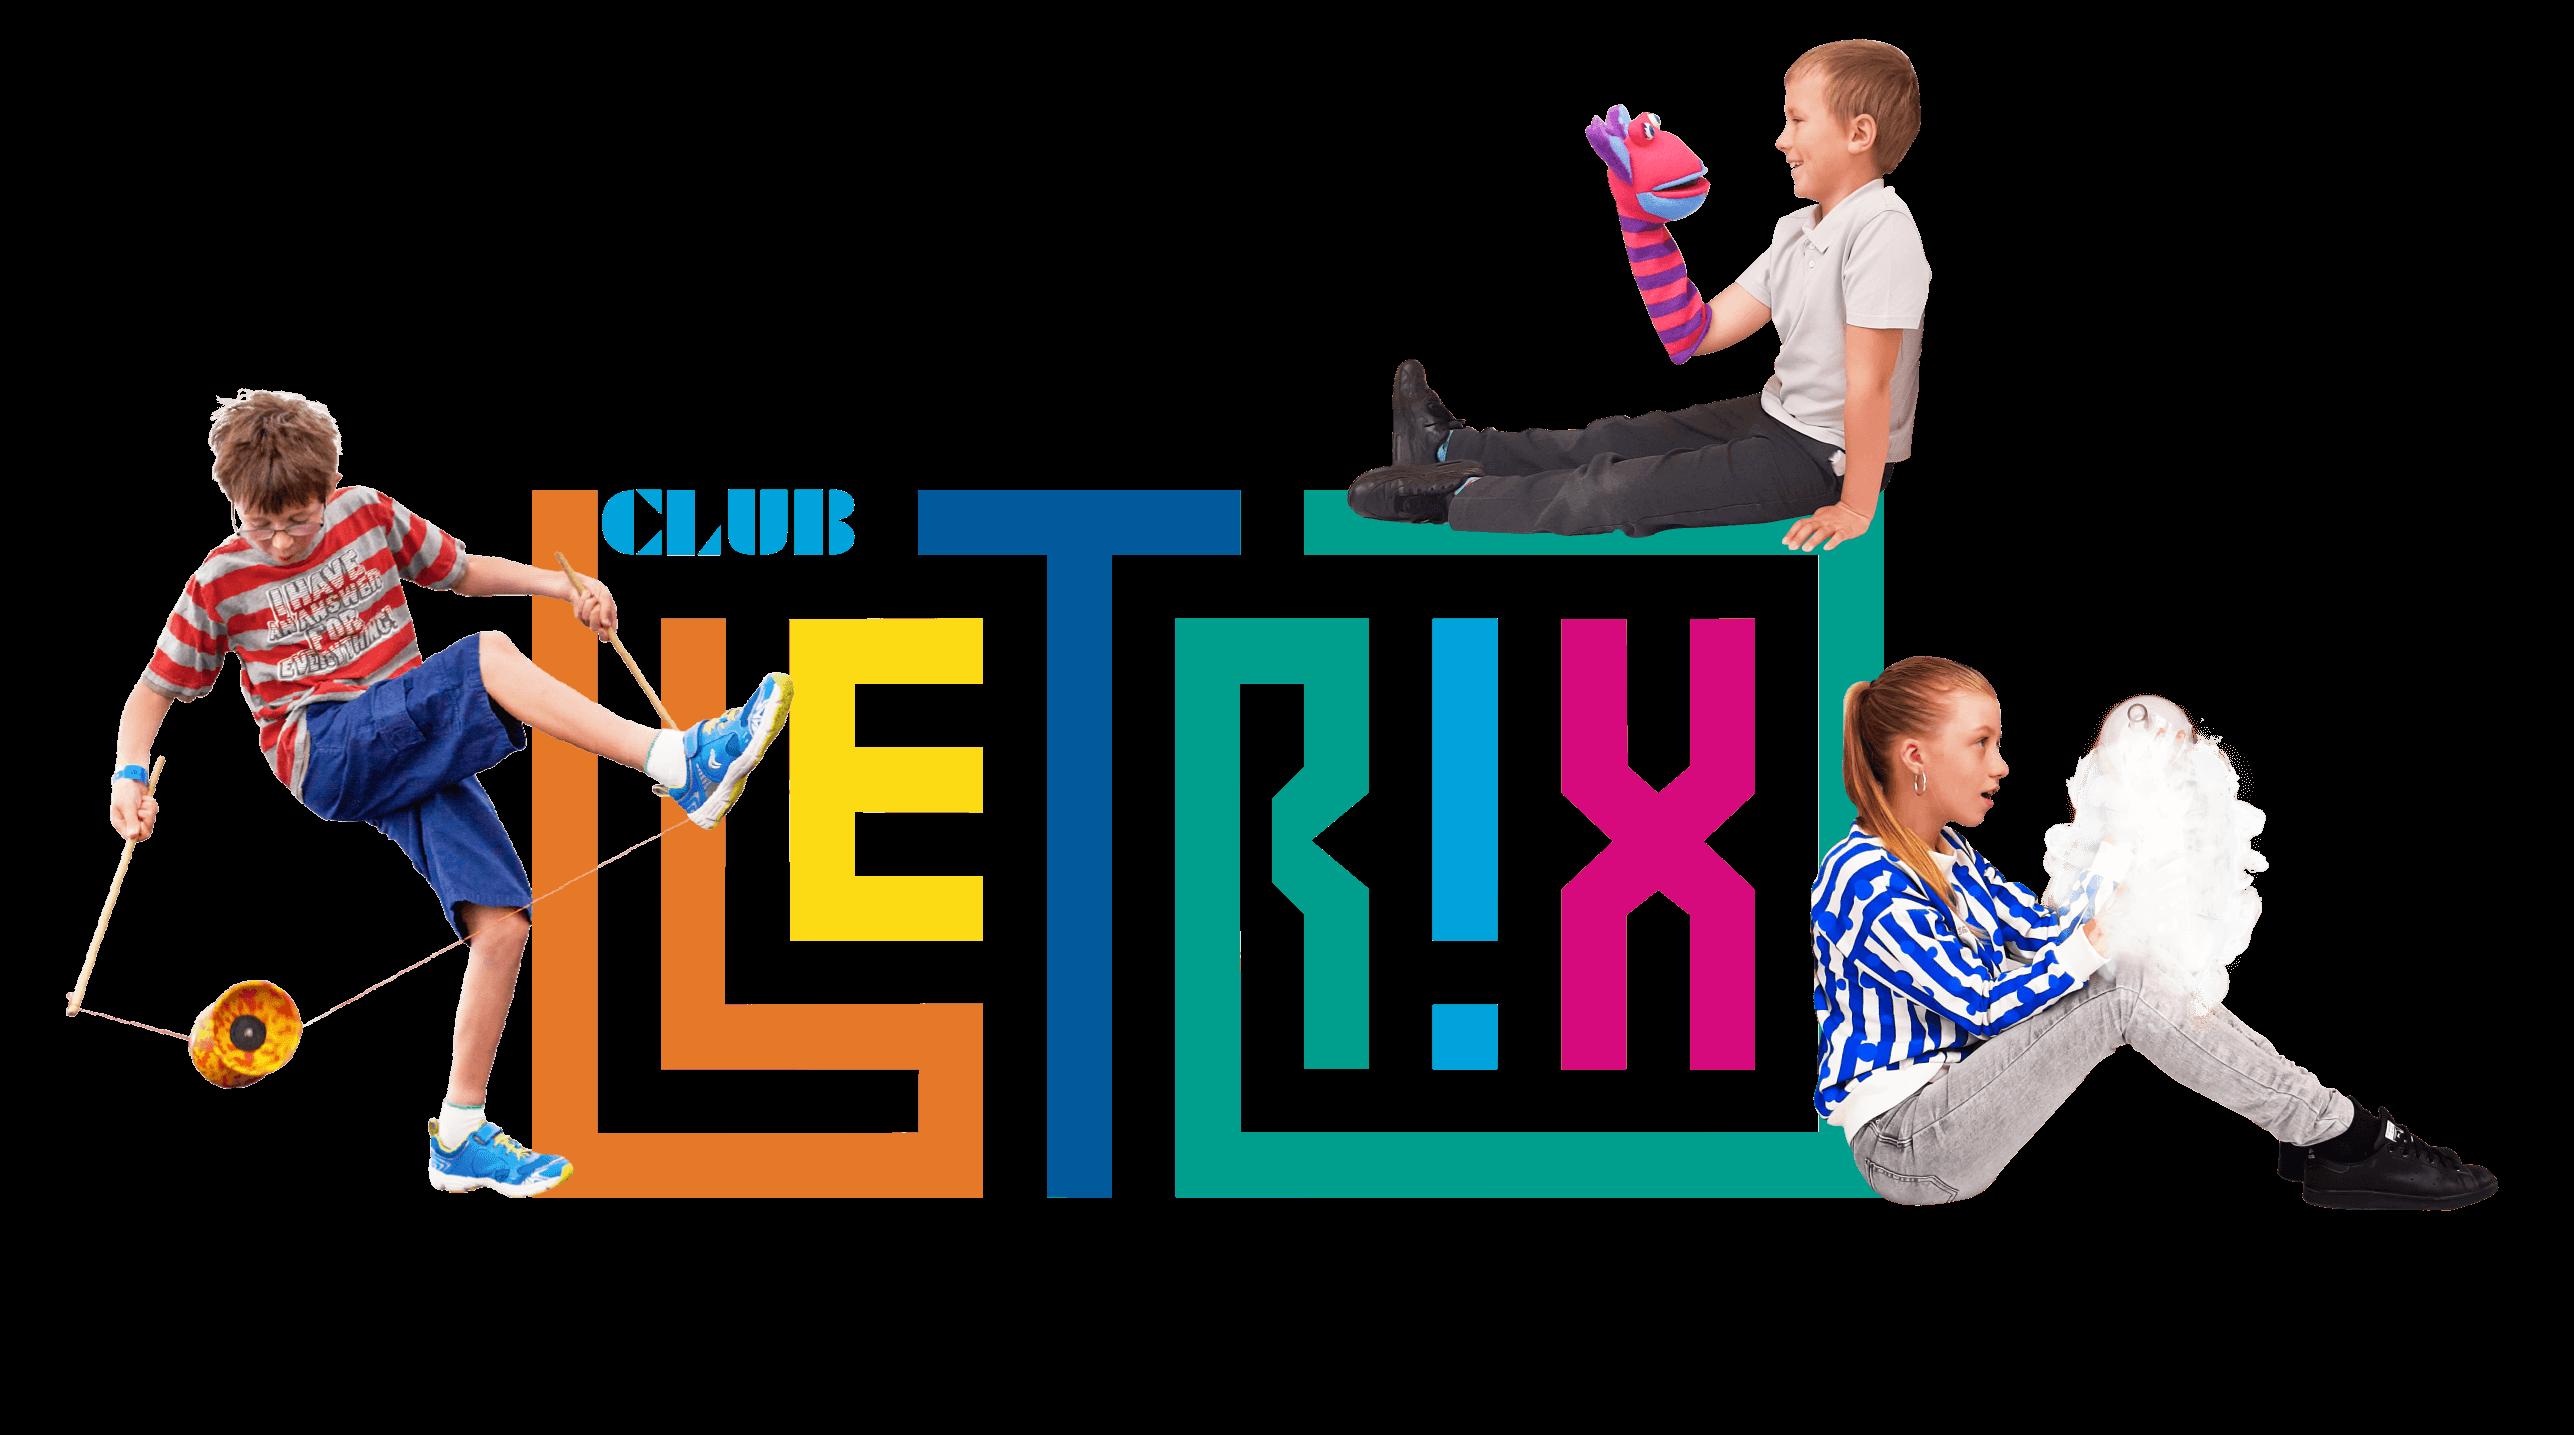 club le trix header banner